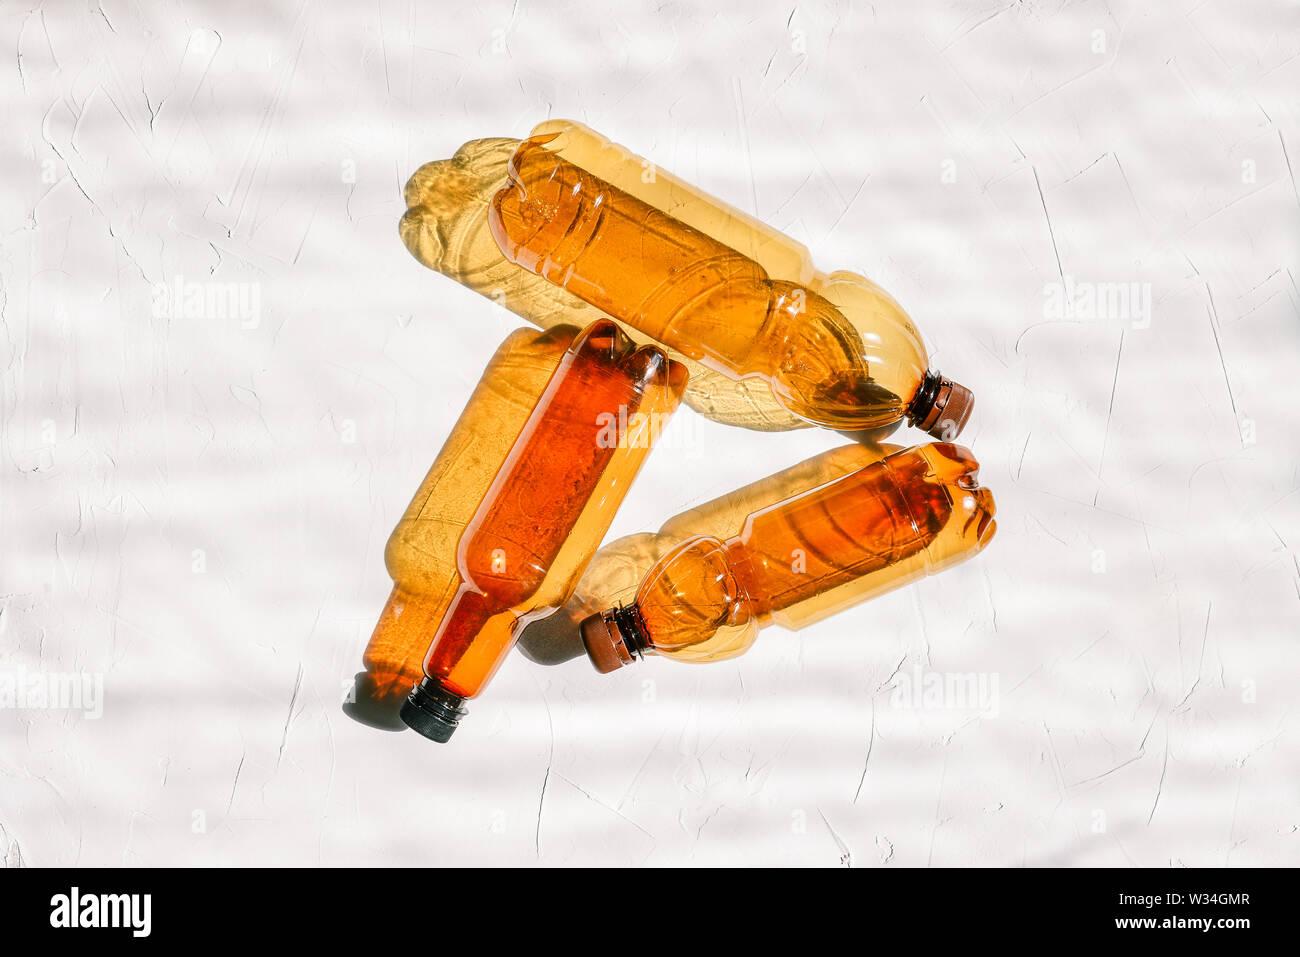 Lo sfondo da le bottiglie di plastica vuote. Tre bottiglie di plastica su uno sfondo bianco. Il concetto di terra inquinamento da rifiuti, riciclaggio e riciclaggio di Immagini Stock